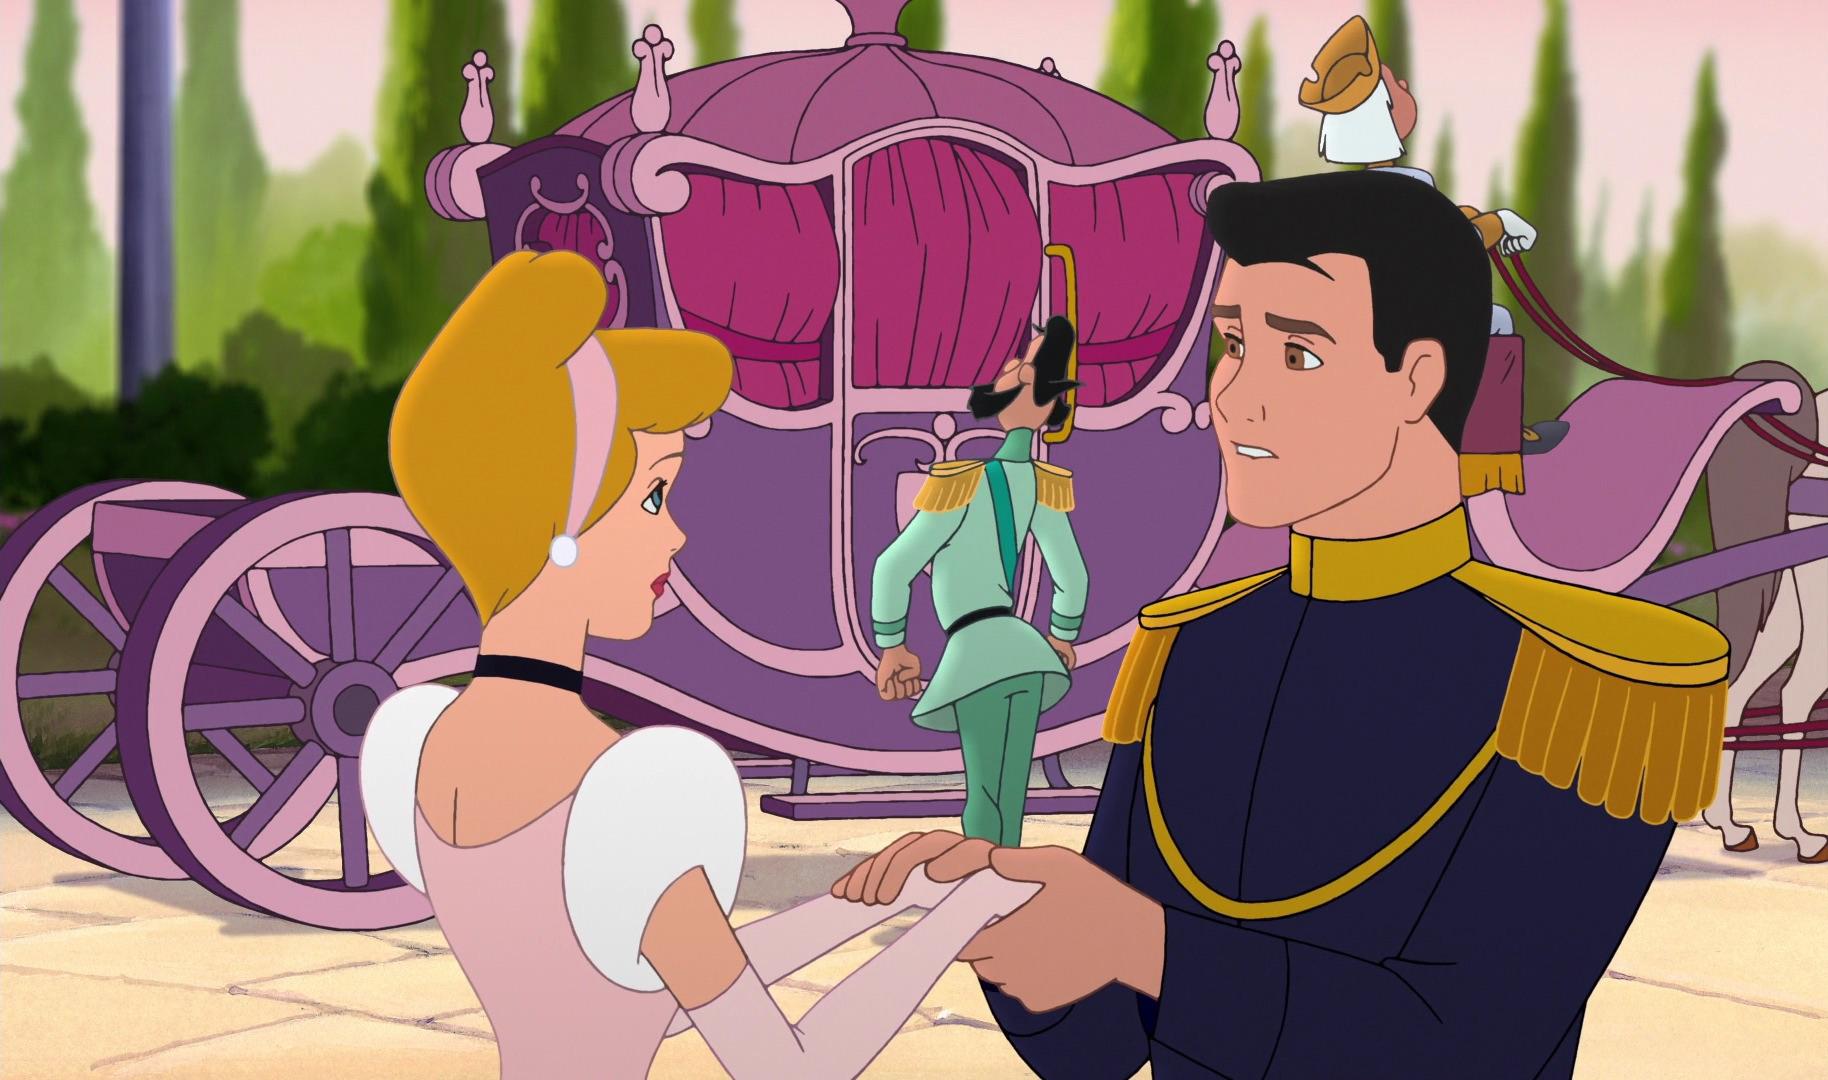 image cinderella u0026 prince charming dreams come true 4 jpg